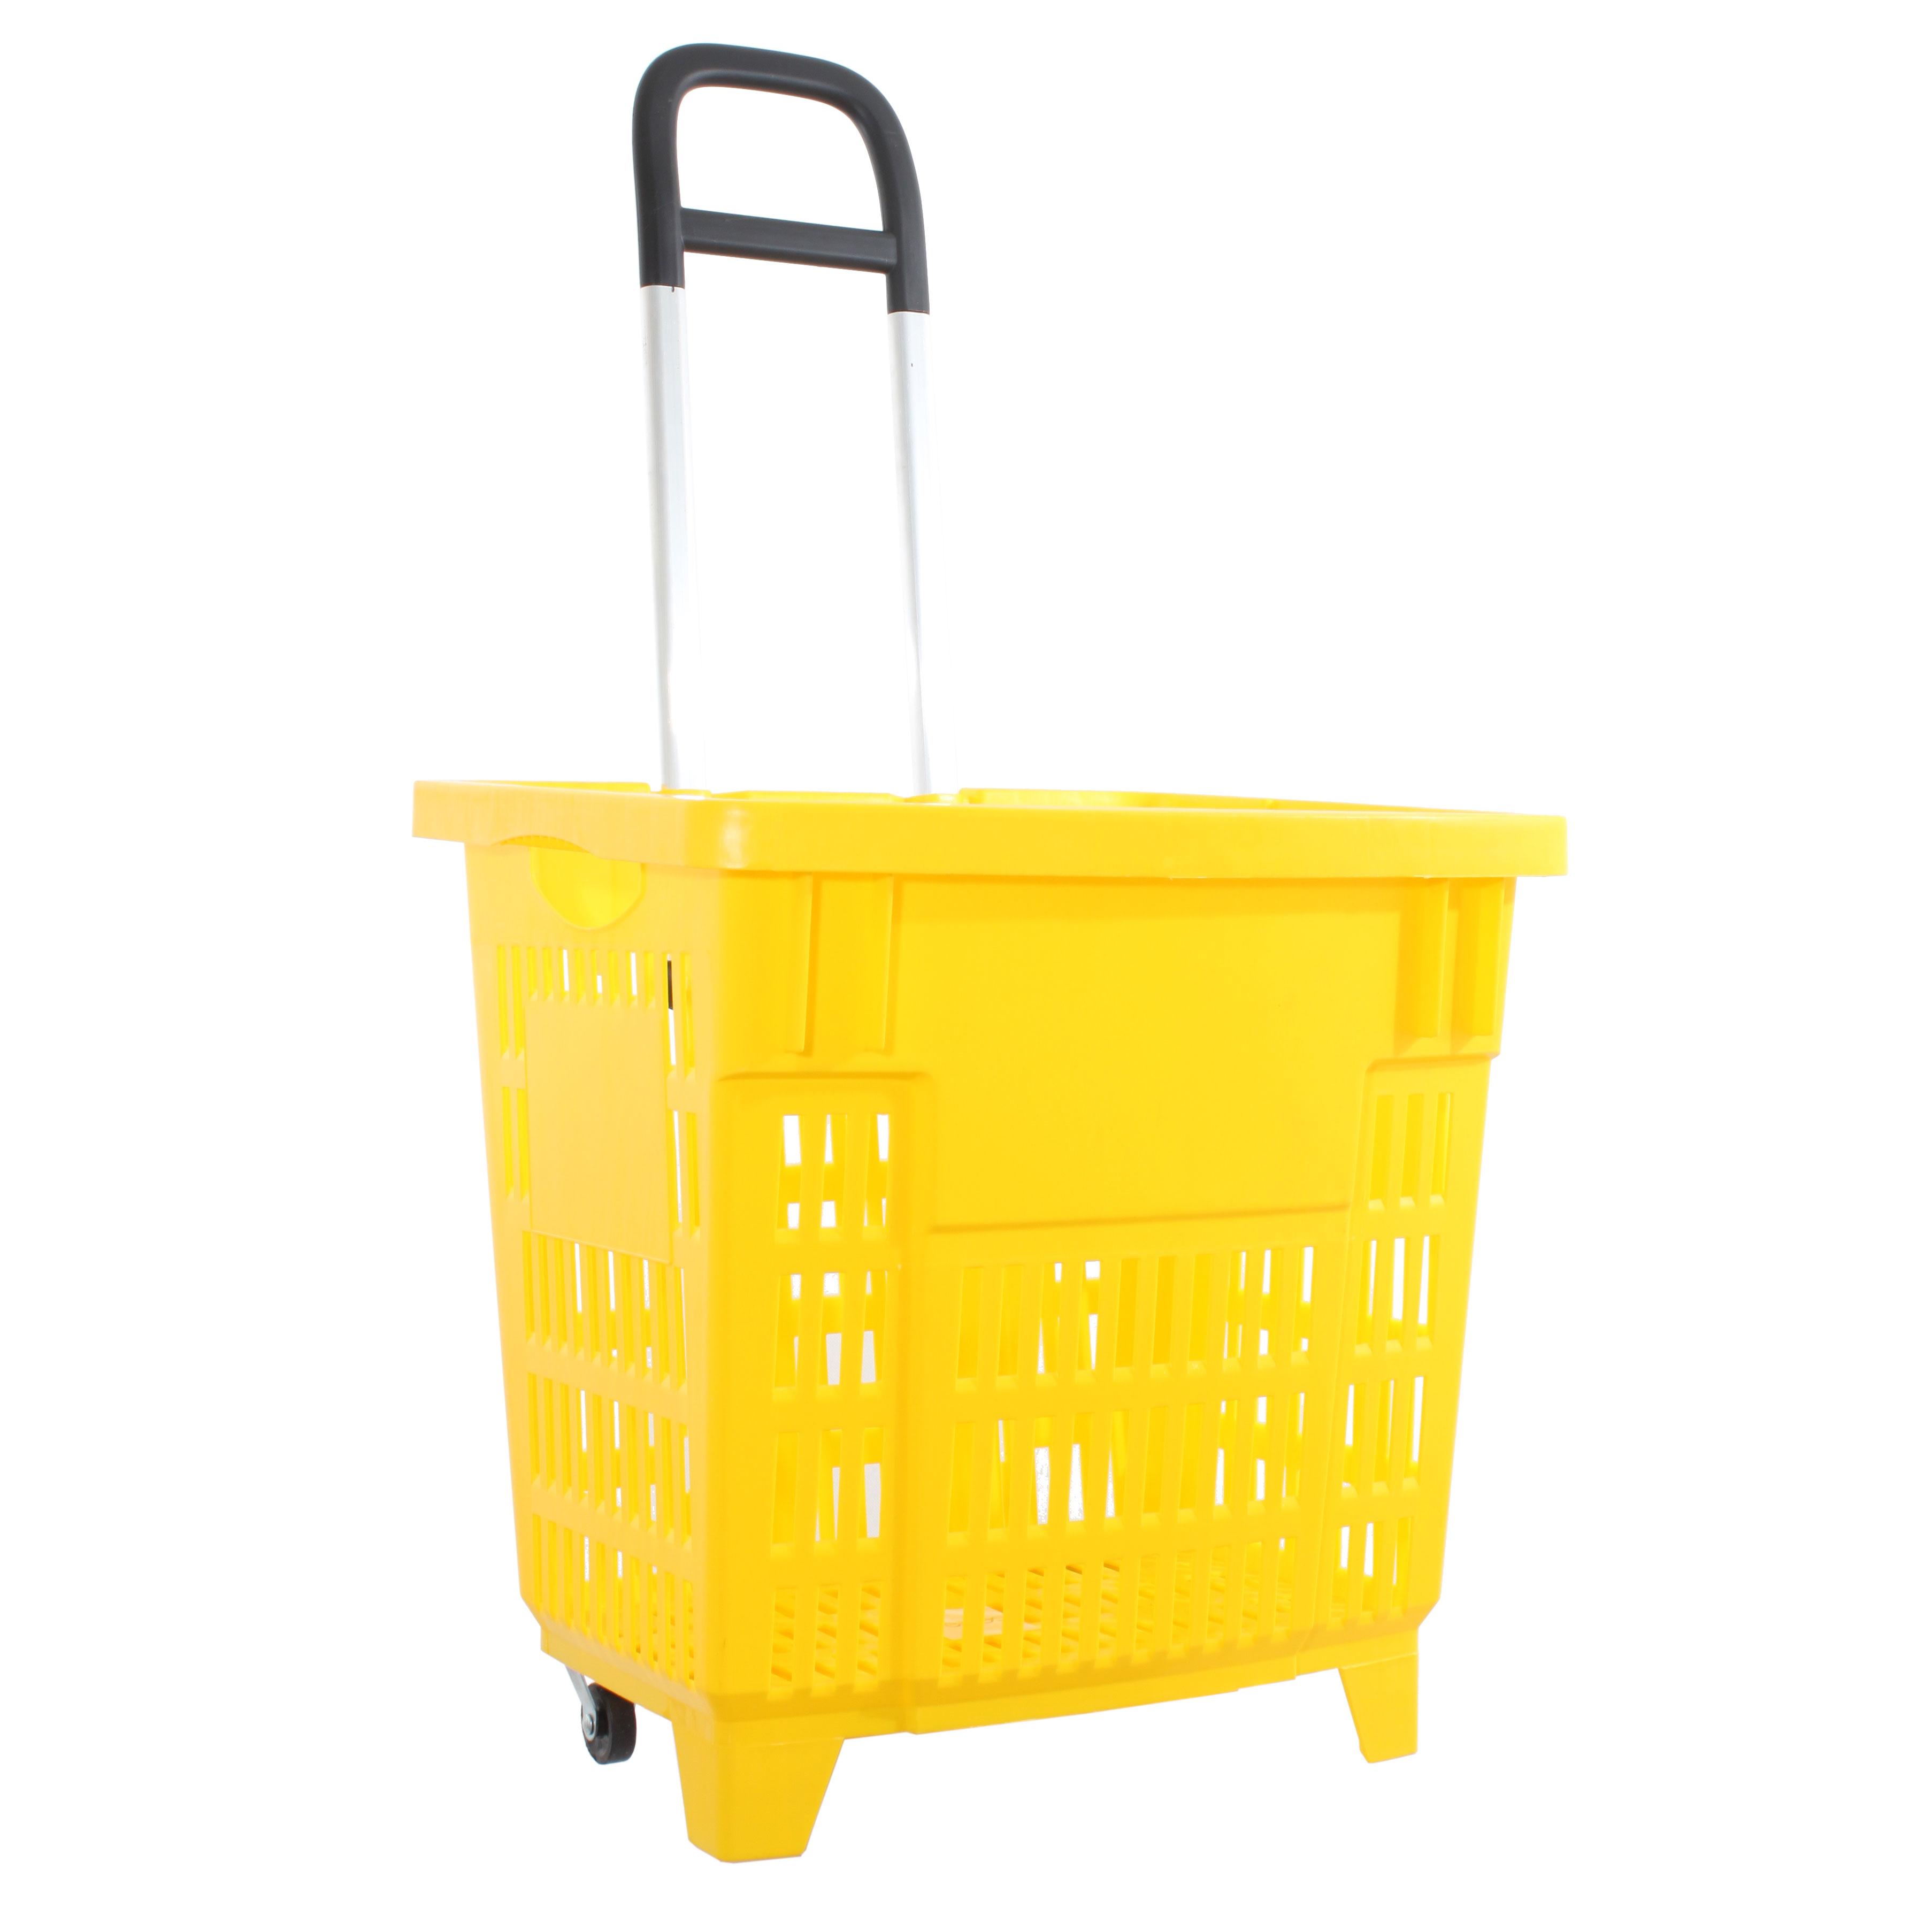 Einkaufstrolley Einkaufskorb m. Rollen 55L Gelb